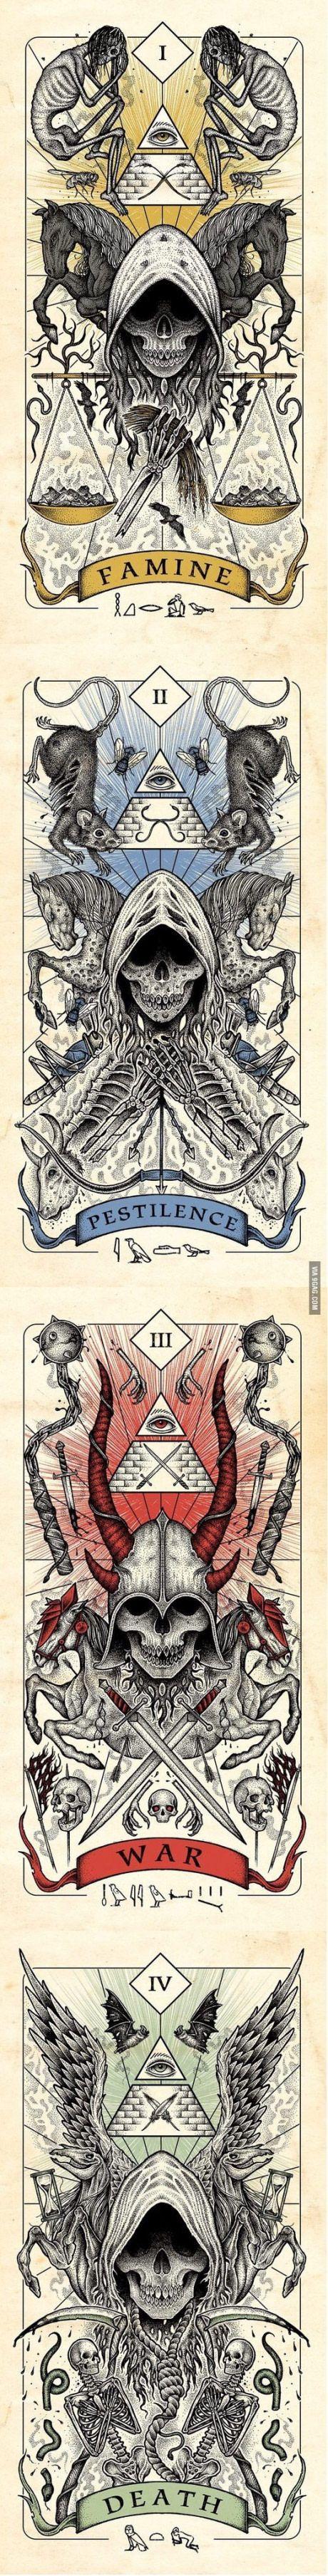 best tattoo images on pinterest tattoo ideas skulls and tattoo